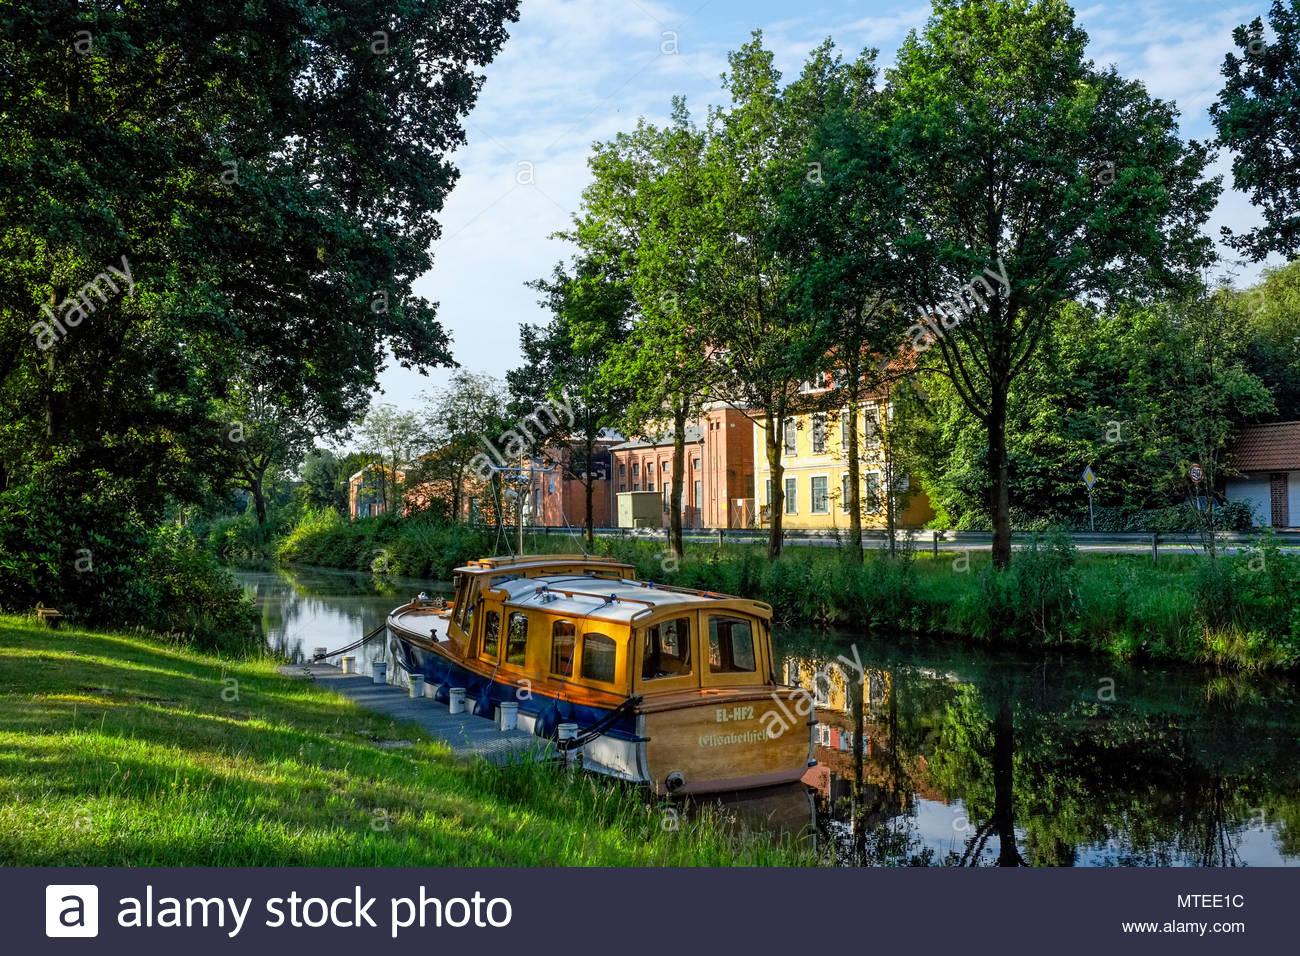 The classic motorlaunch Kaiser Wilhelm is anchored in the Elisabethfehn Kanal, Niedersachsen, Deutschland. Stock Photo